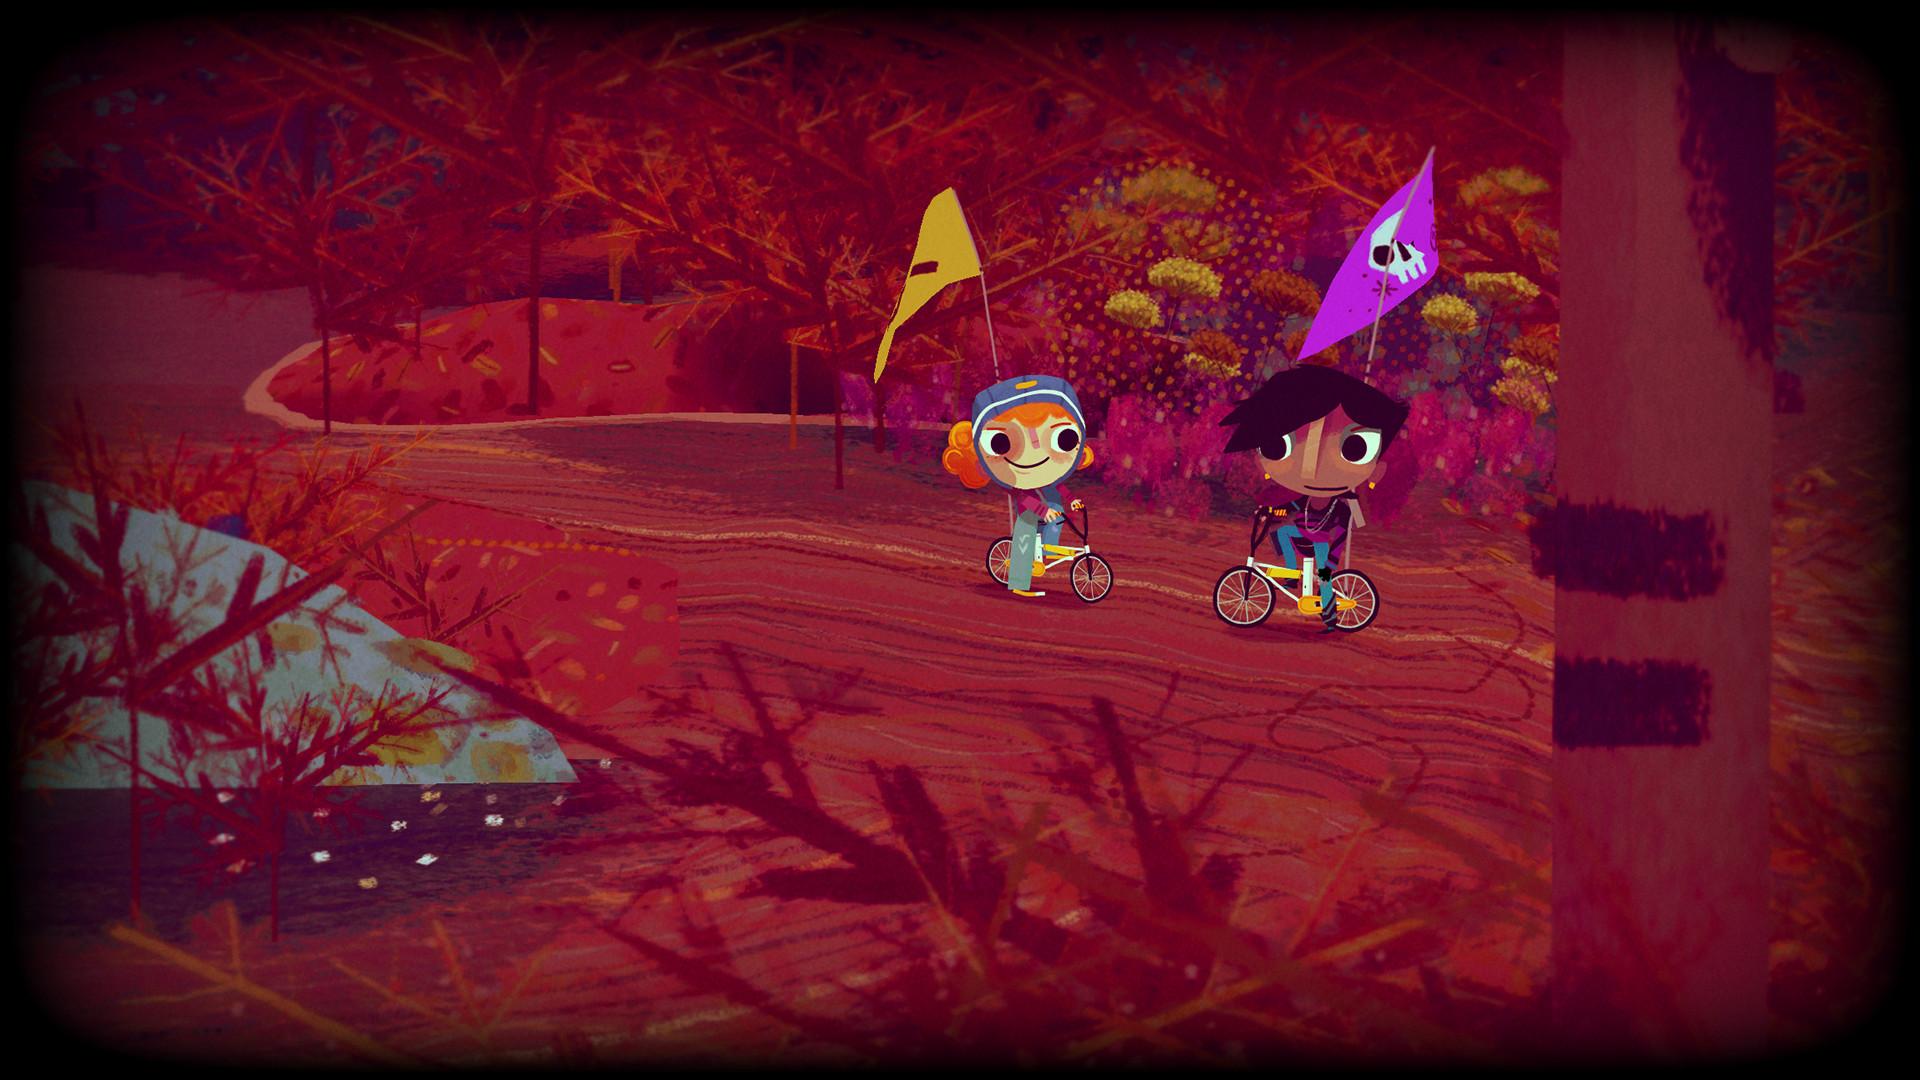 手繪風格友情冒險遊戲《騎士與自行車》8月27日發售